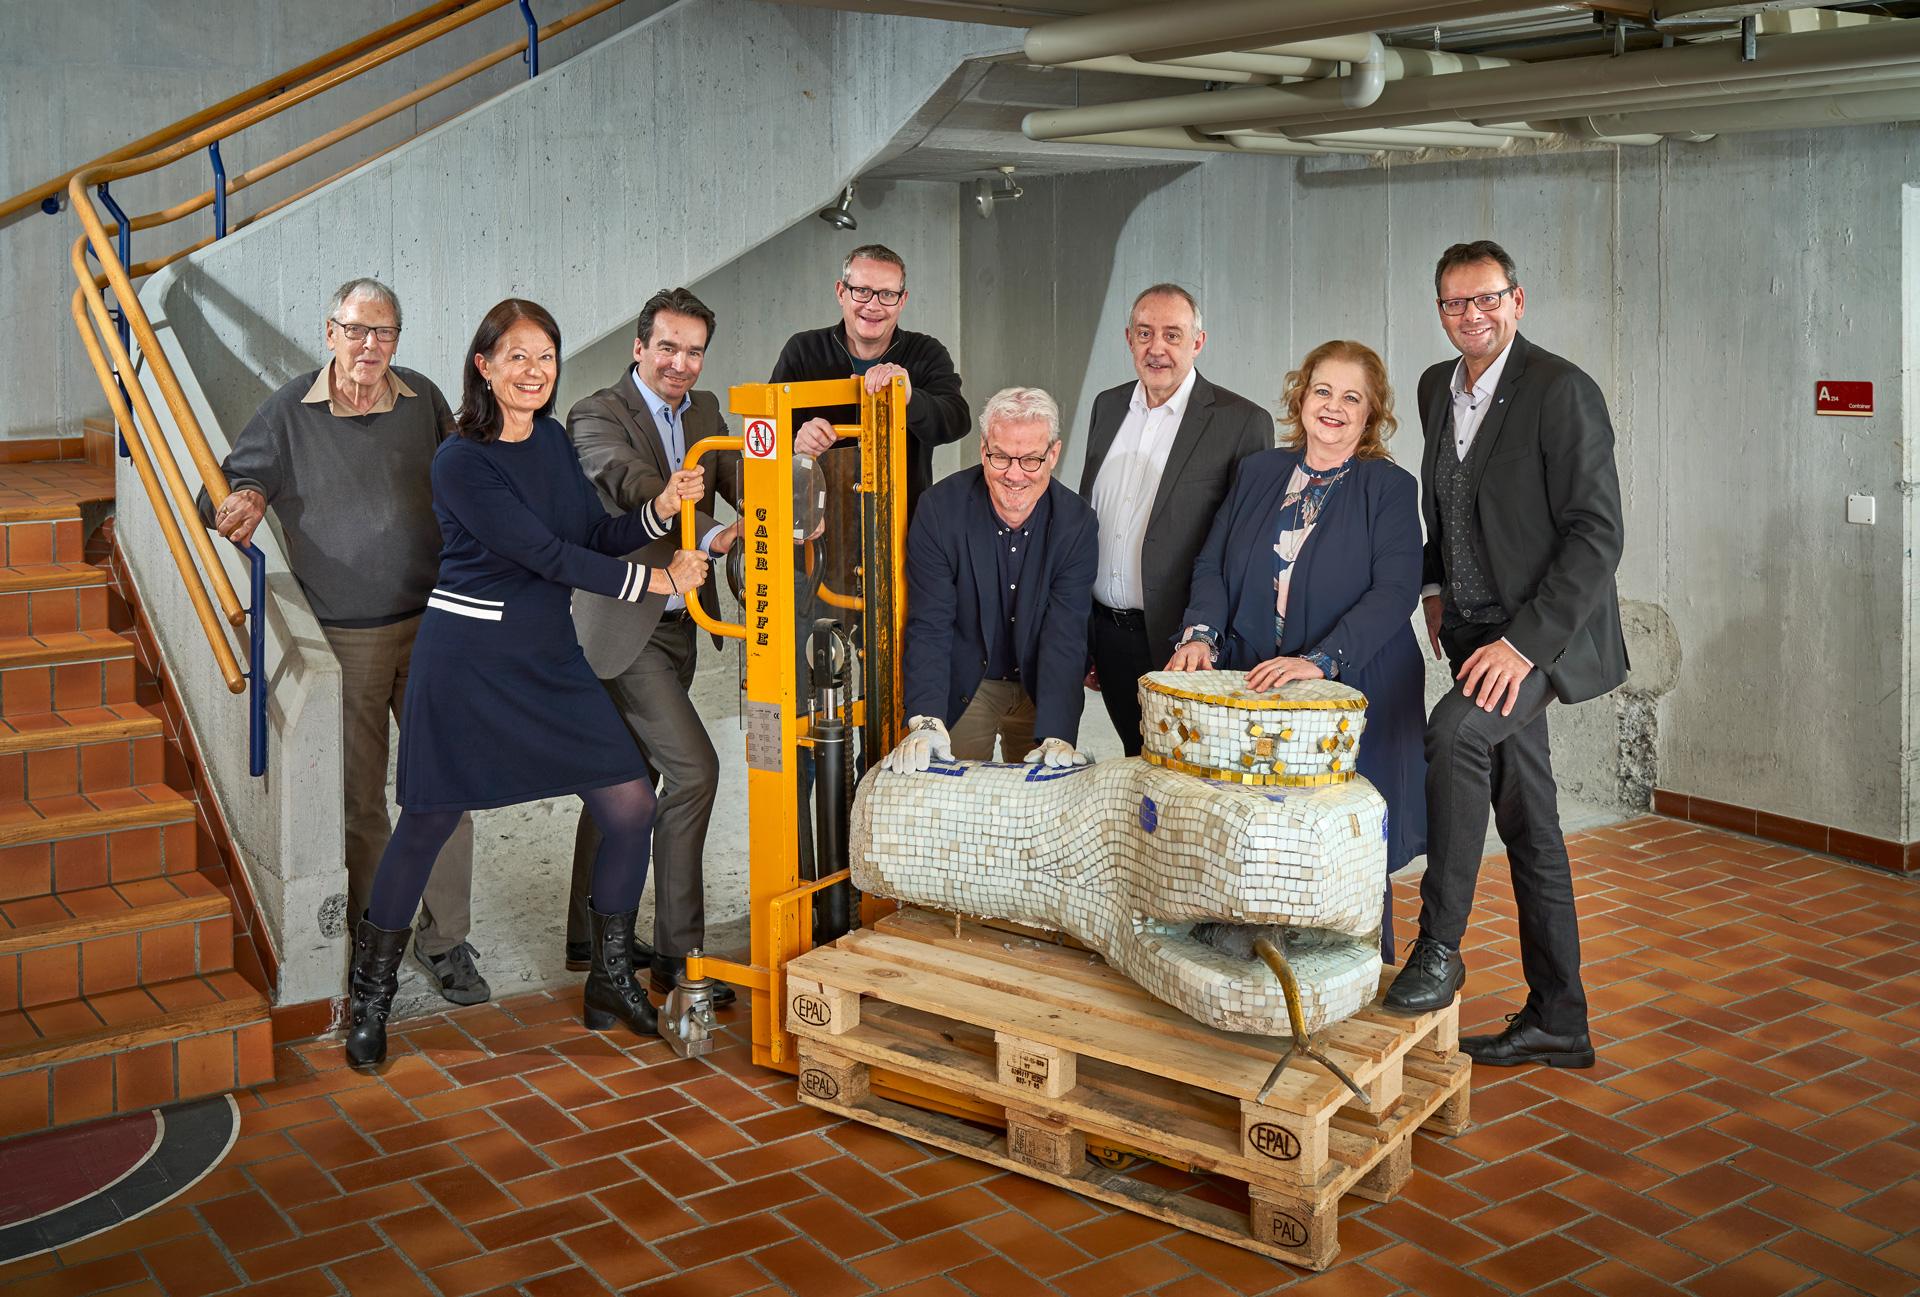 Stiftungsrat - die Rodtegg Stiftung